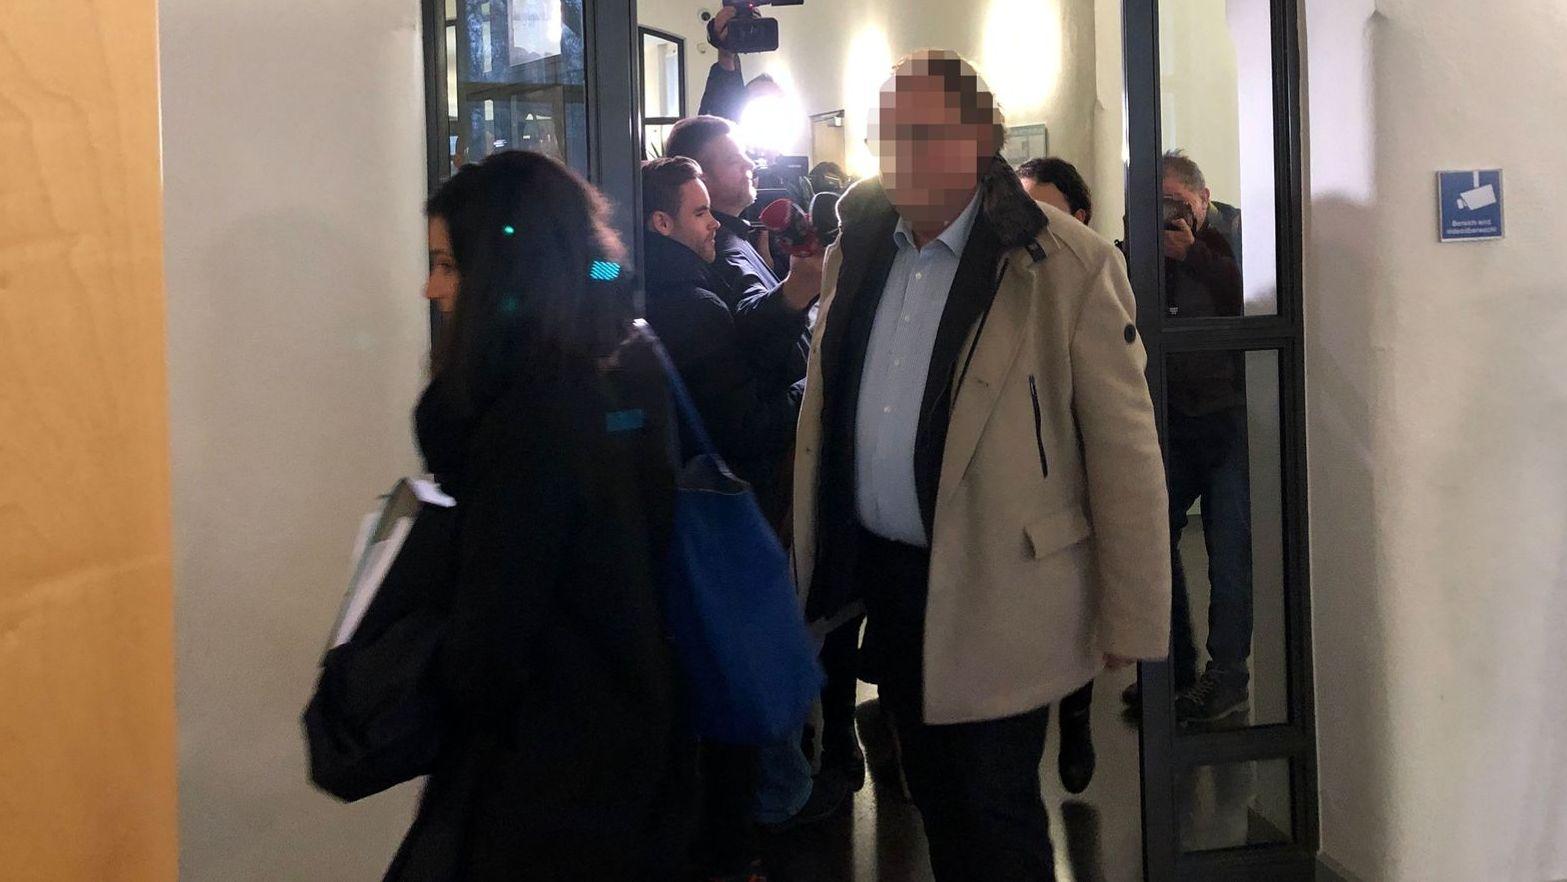 Am Mittwochvormittag wird im Landgericht Regensburg ein erster Zeuge im Geiselhöringer Wahlfälschungsprozess aussagen